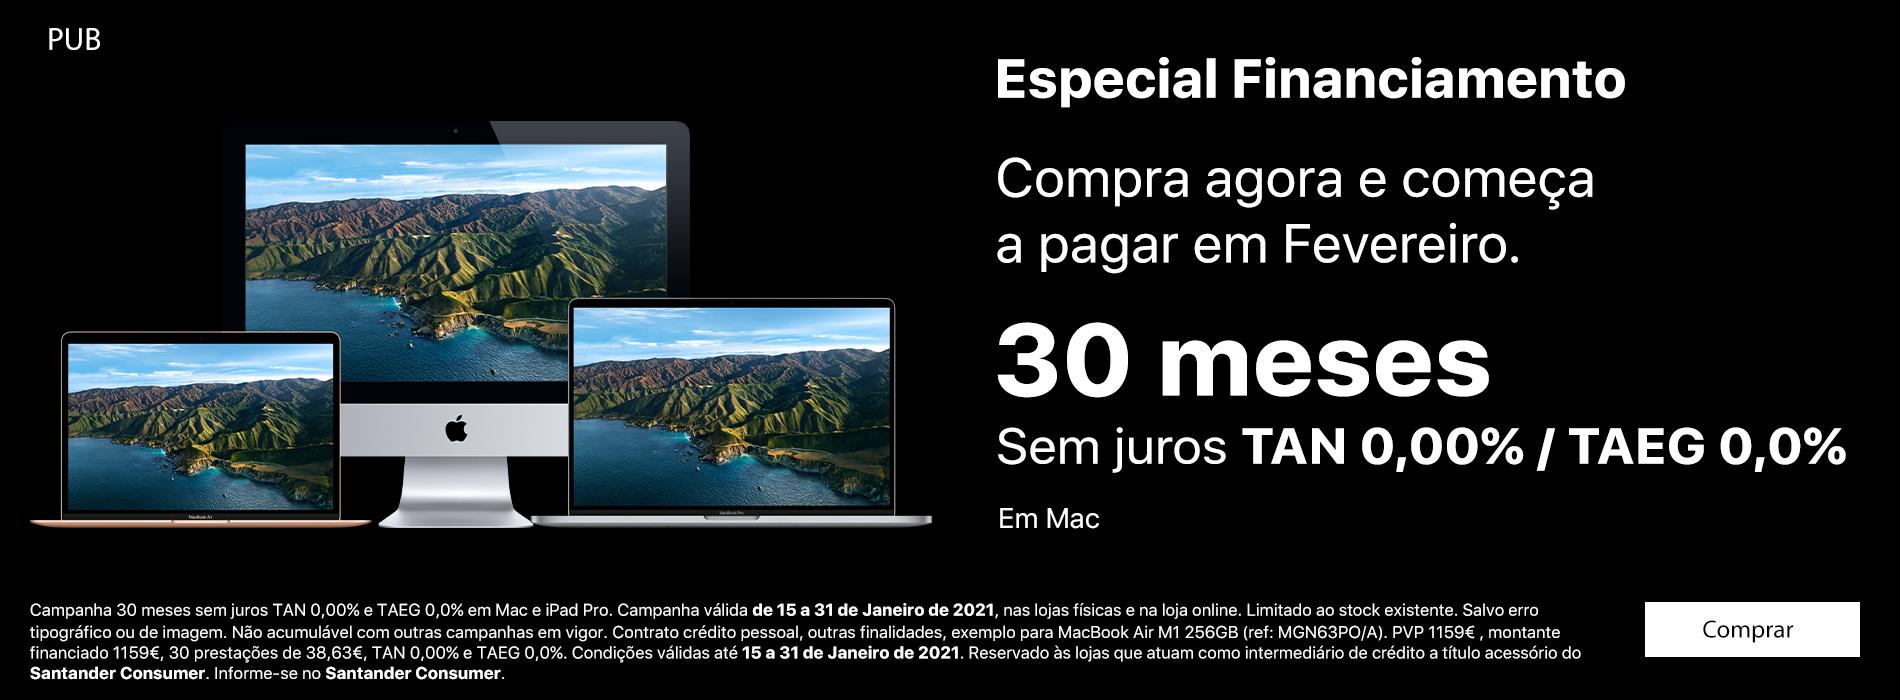 Homepage Slideshow - Financiamento Mac 30 meses sem juros TAN/TAEG 0,0%